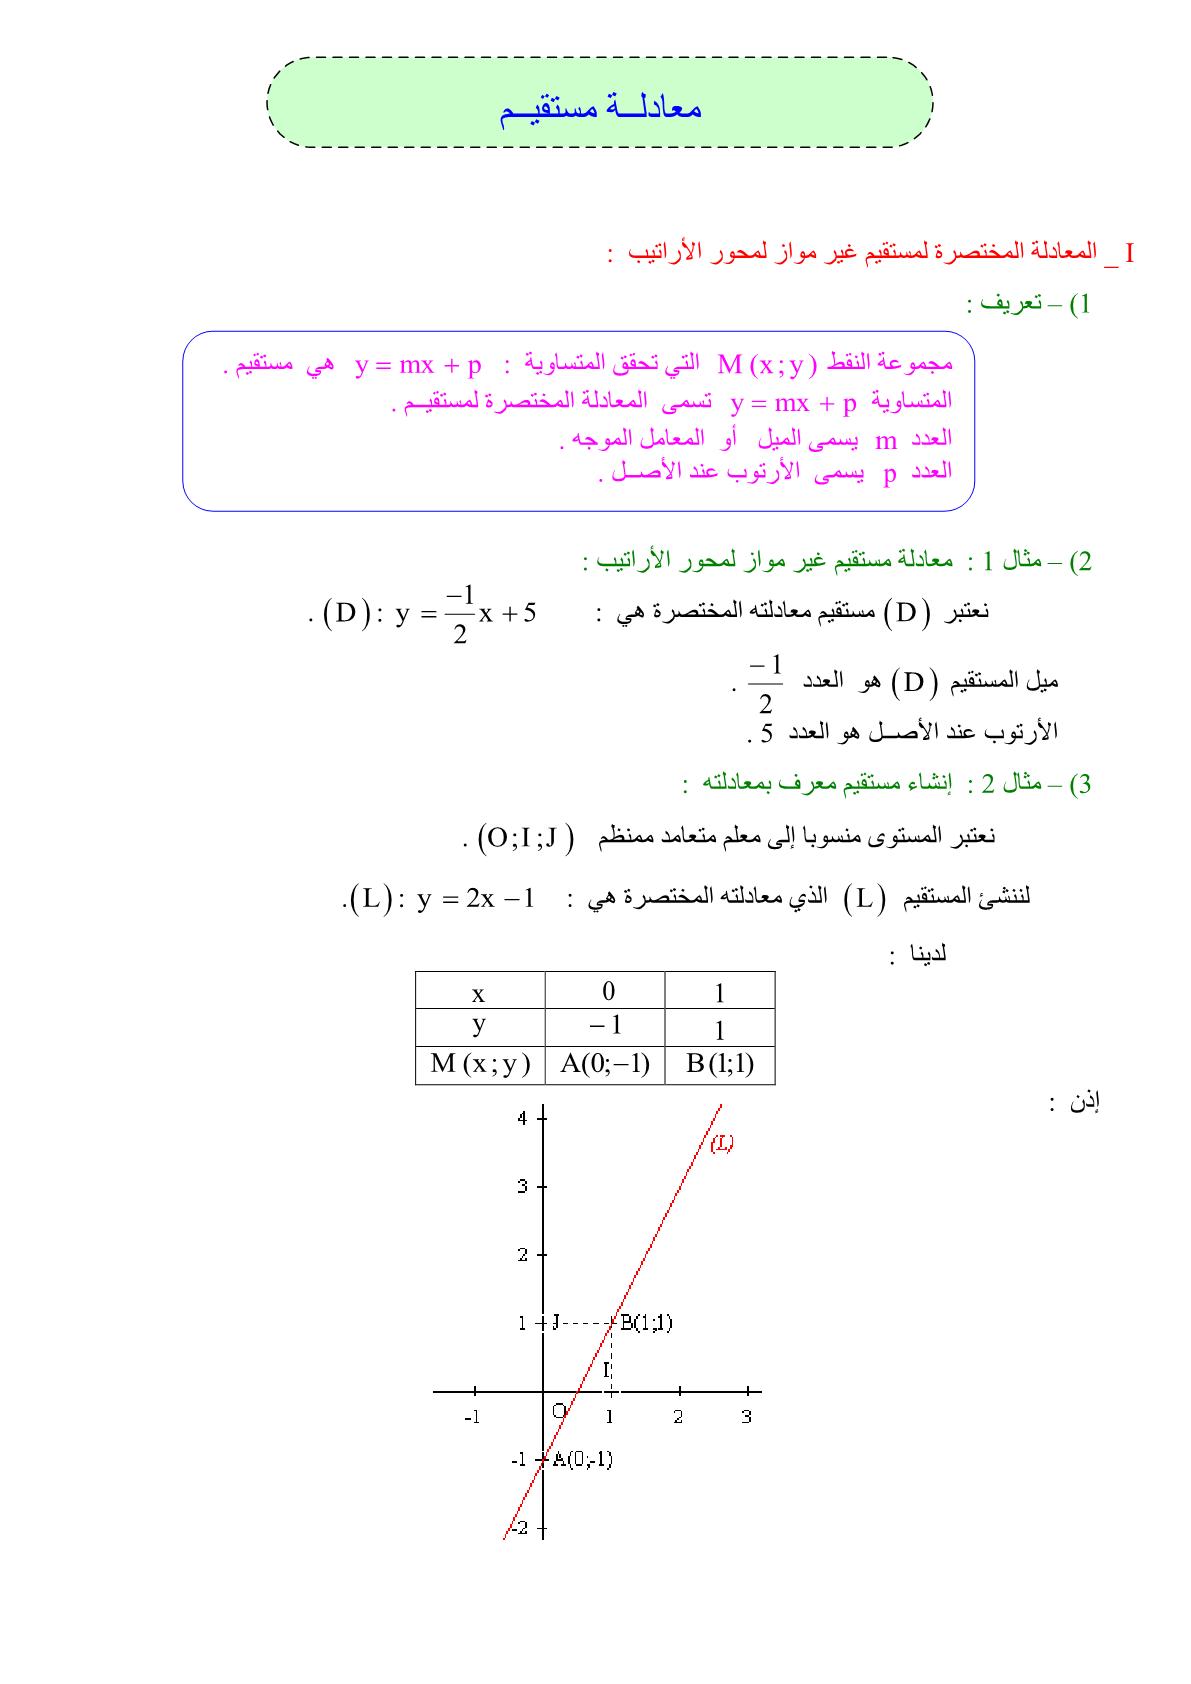 درس معــادلة مـستـقيم مادة الرياضيات للسنة الثالثة إعدادي